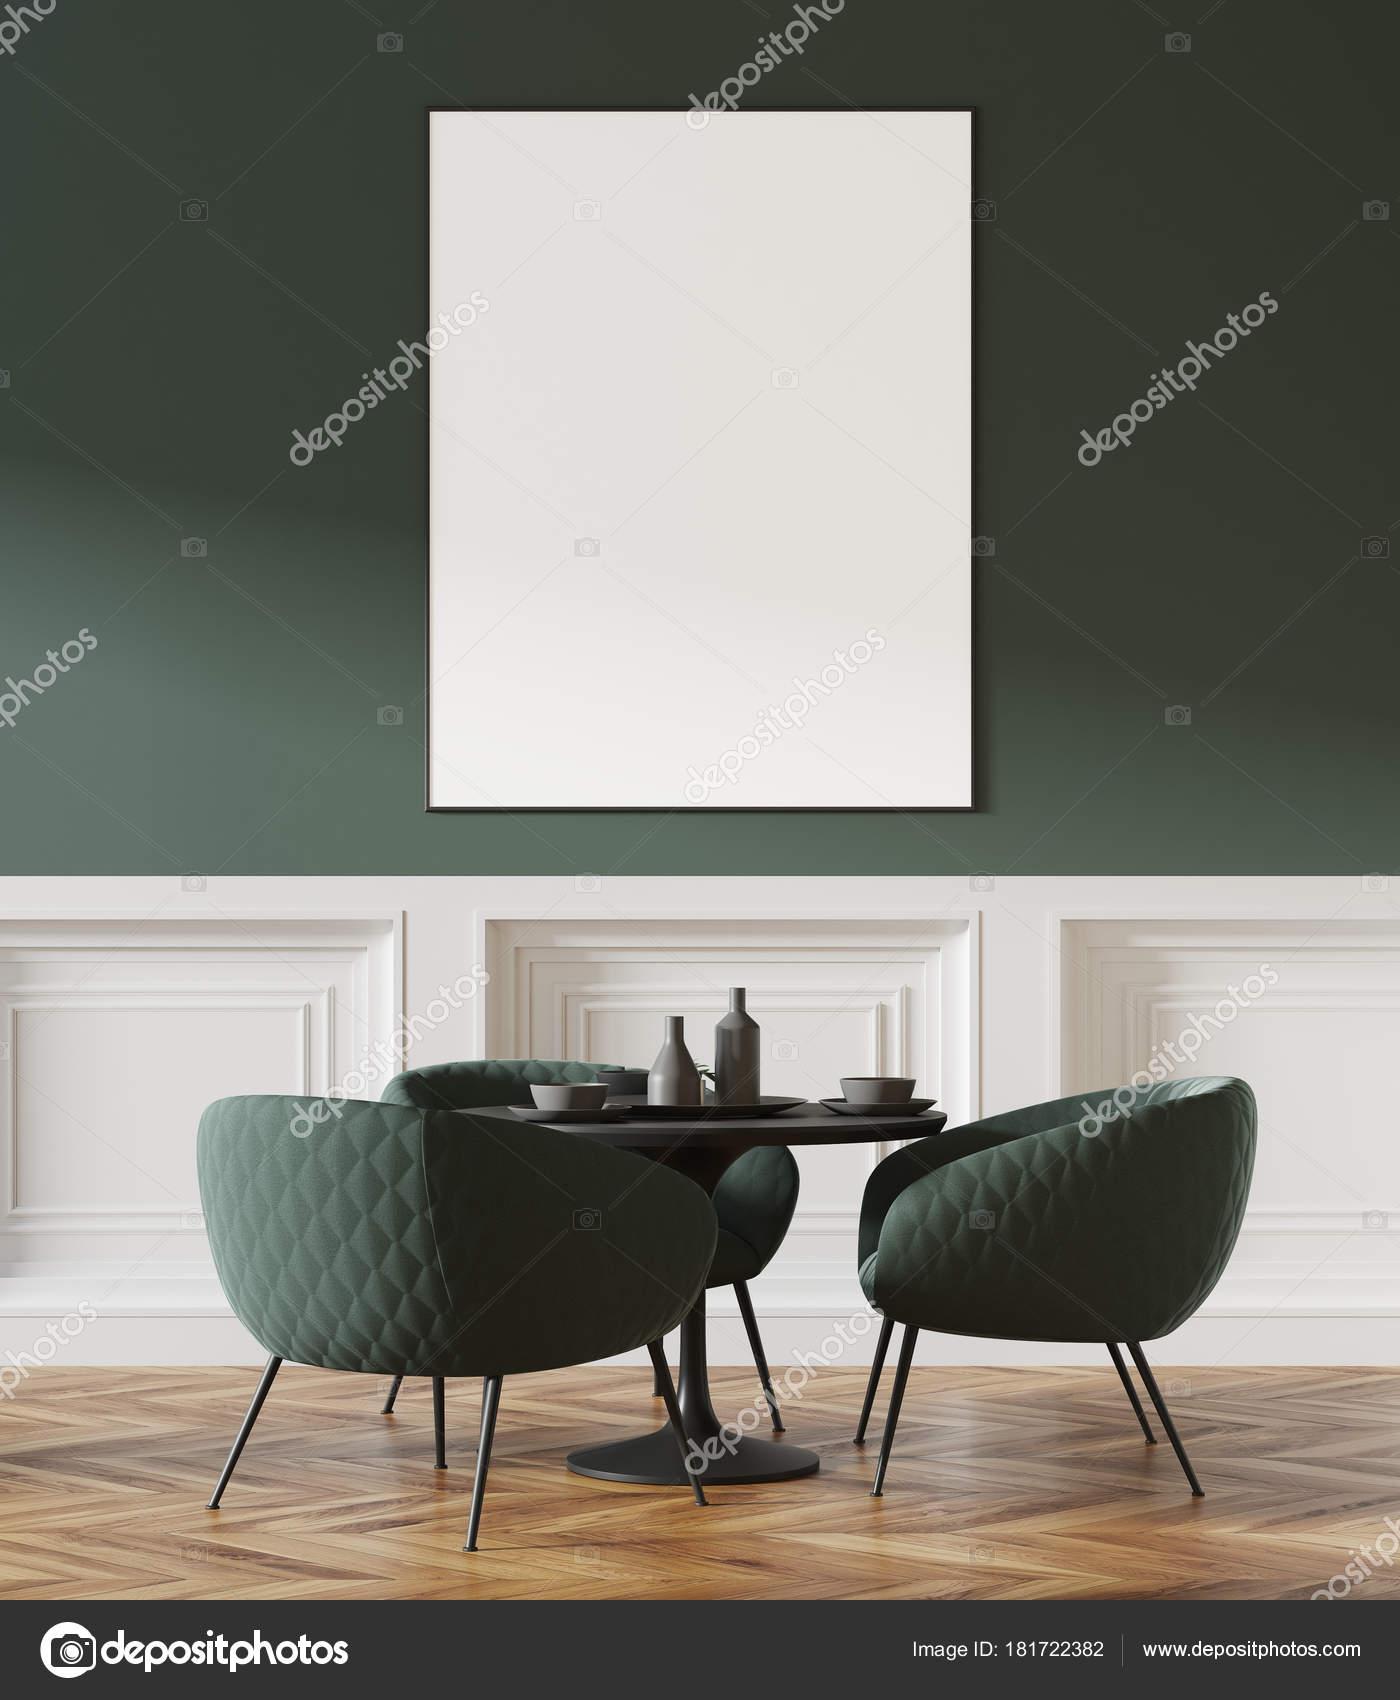 Geräumig Runder Sessel Ideen Von Tisch Mit Grünen Daneben Stehend In Einem